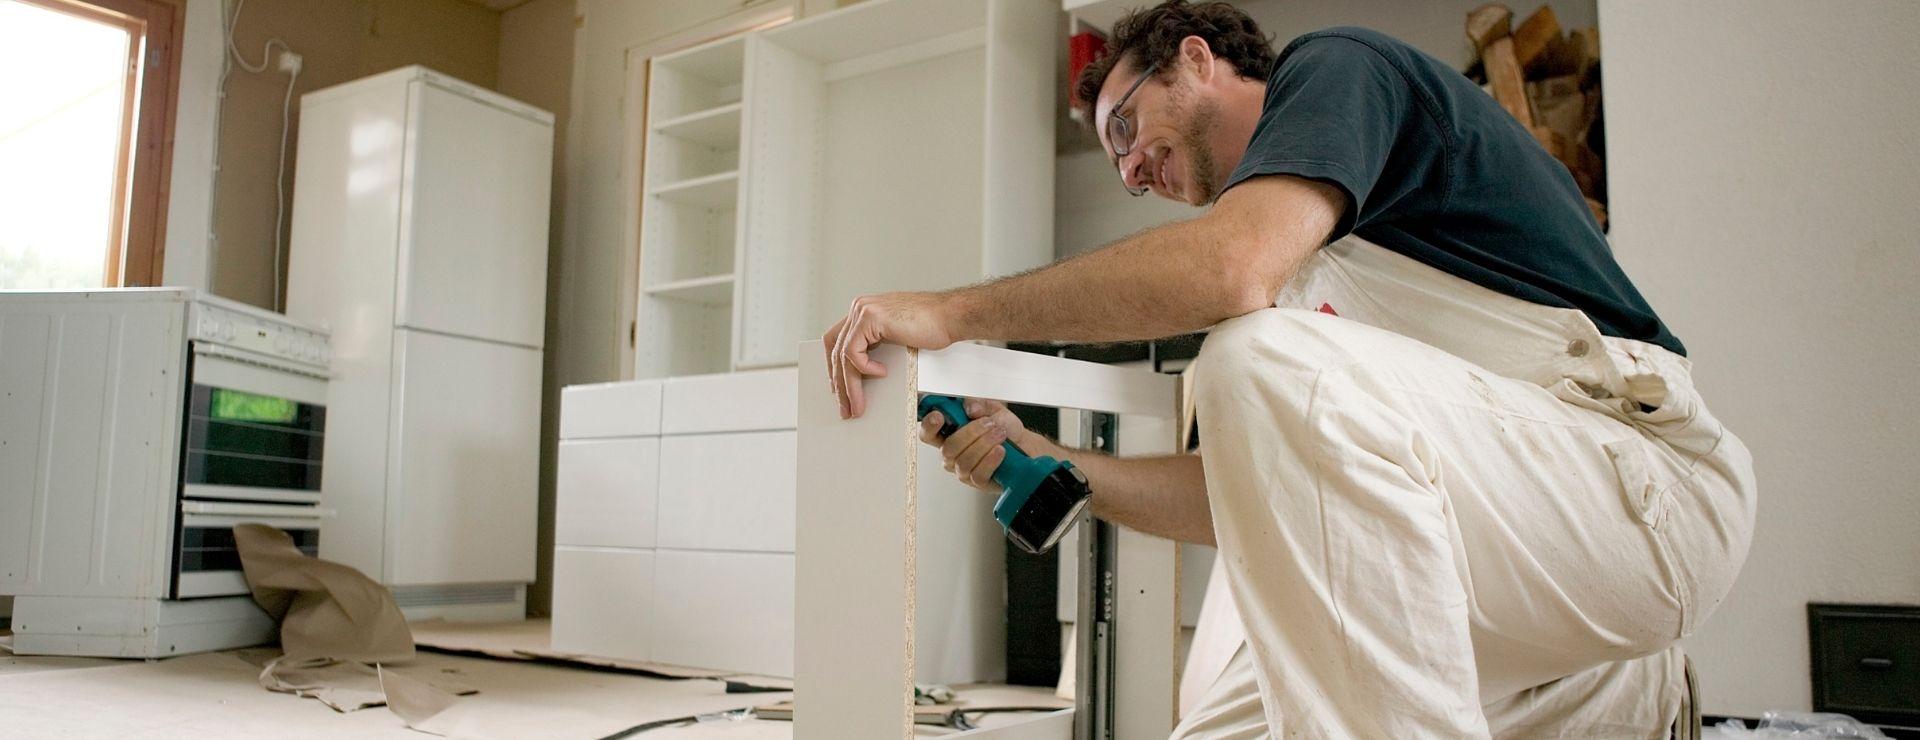 Fitting kitchen units